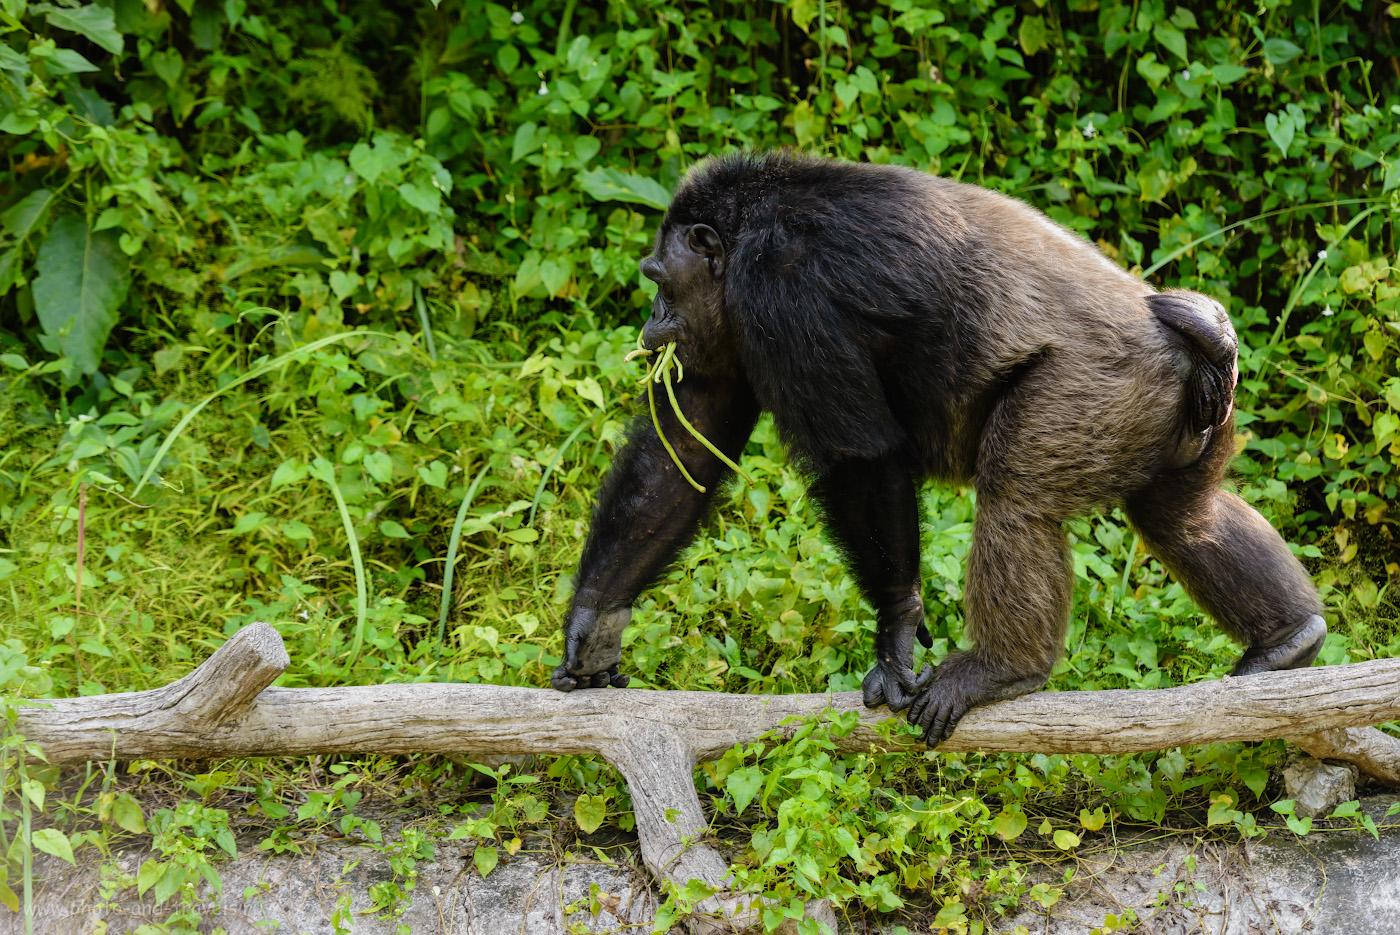 Фотография 20. Шимпанзе в вольере открытого зоопарка «Кхао-Кхео» в окрестностях Паттайи. Интересные экскурсии на отдыхе в Таиланде. 1/500, 2.8, 640, 125.